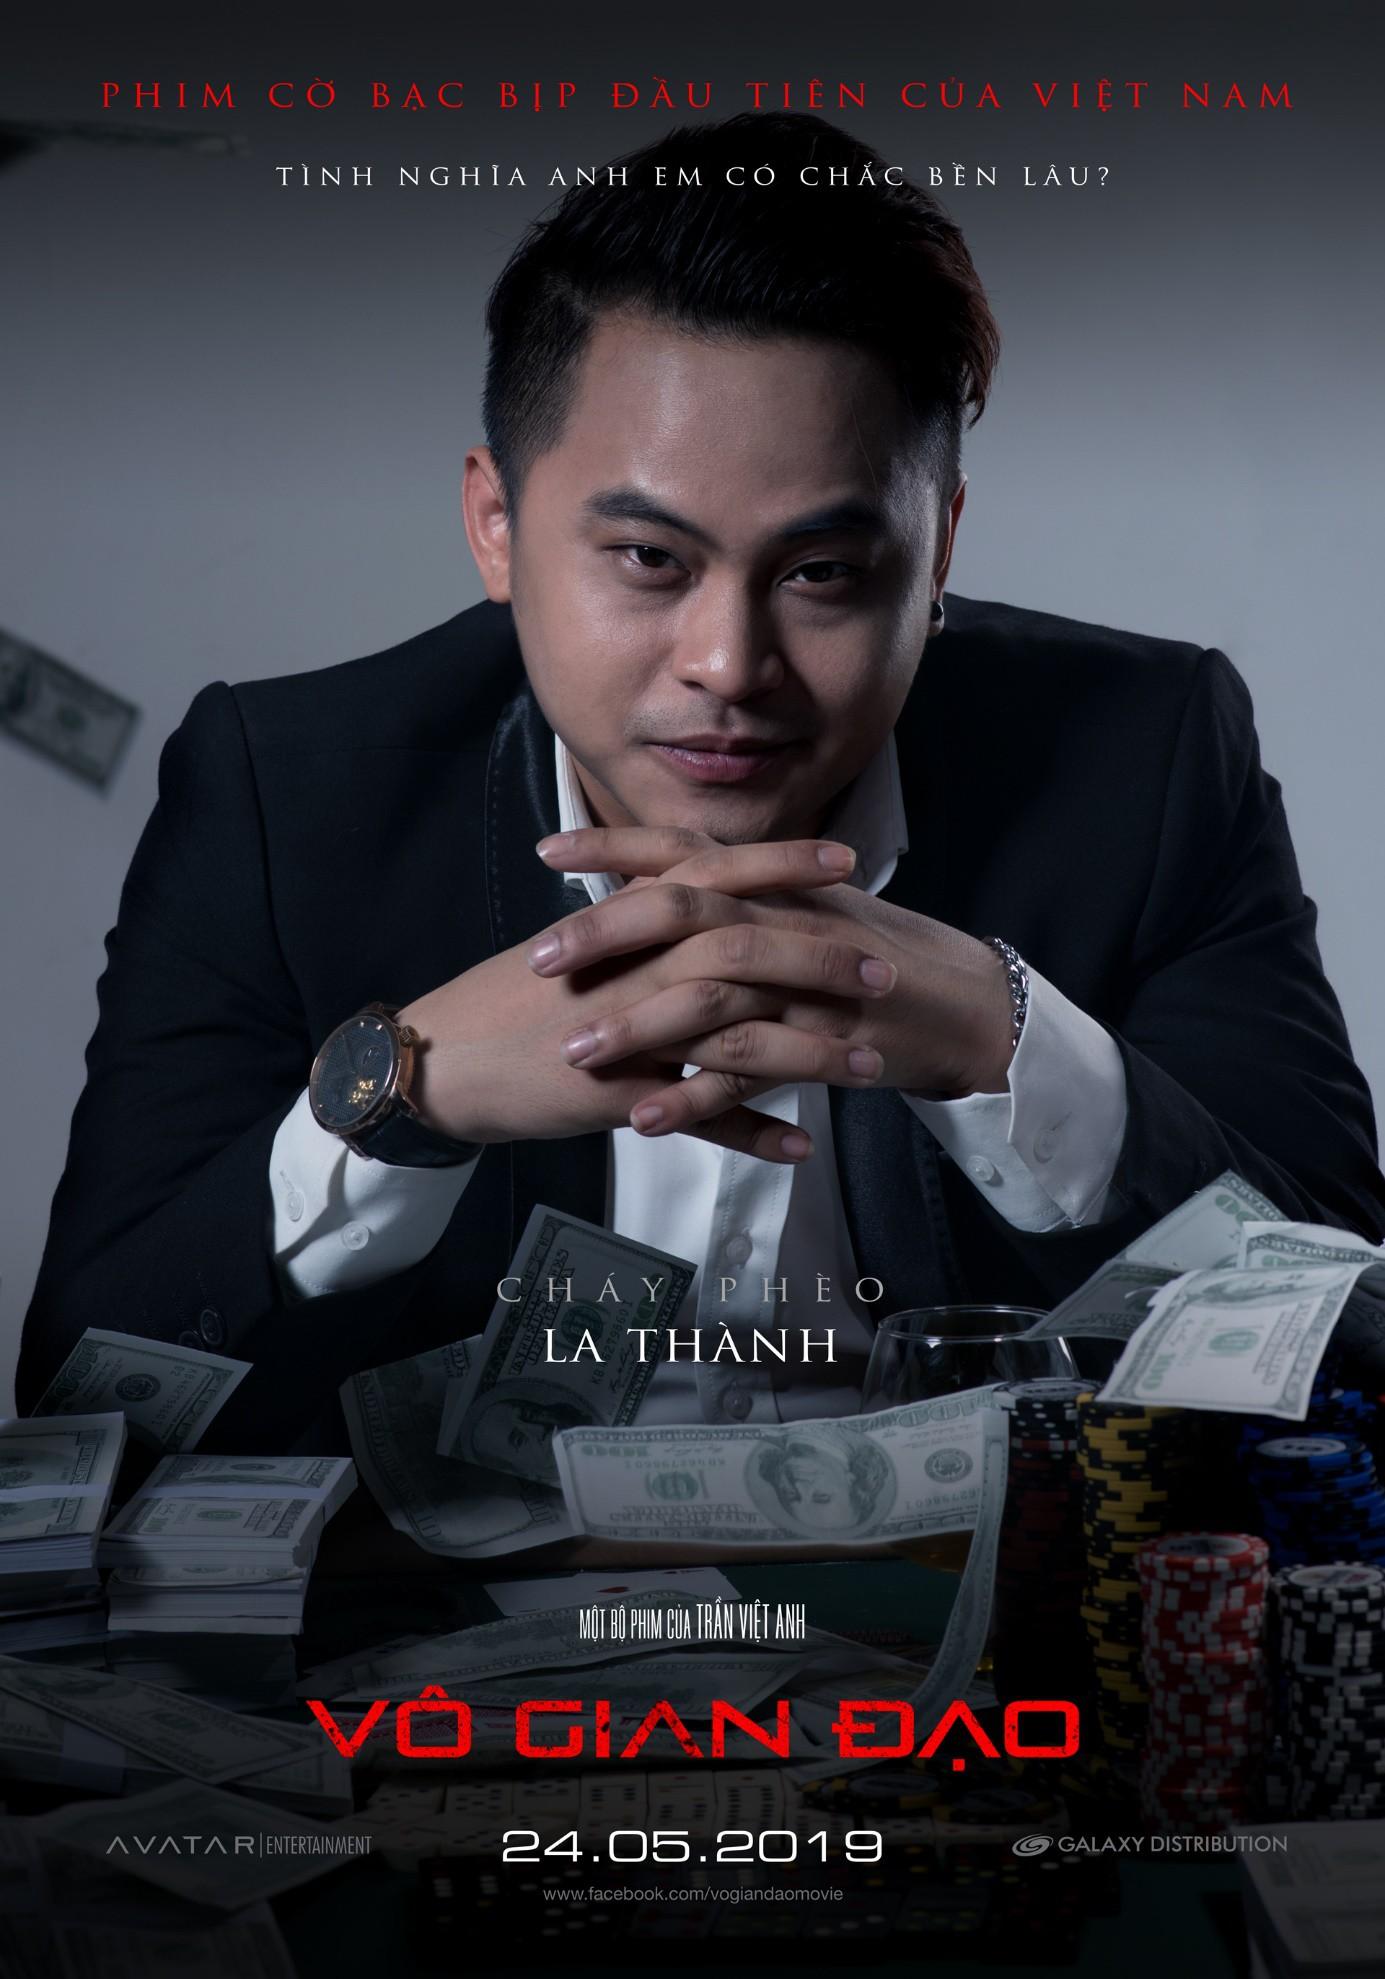 """La Thành: Từng vấp ngã vì cờ bạc nên tôi hiểu nhân vật trong phim """"Vô Gian Đạo"""" - Ảnh 1."""